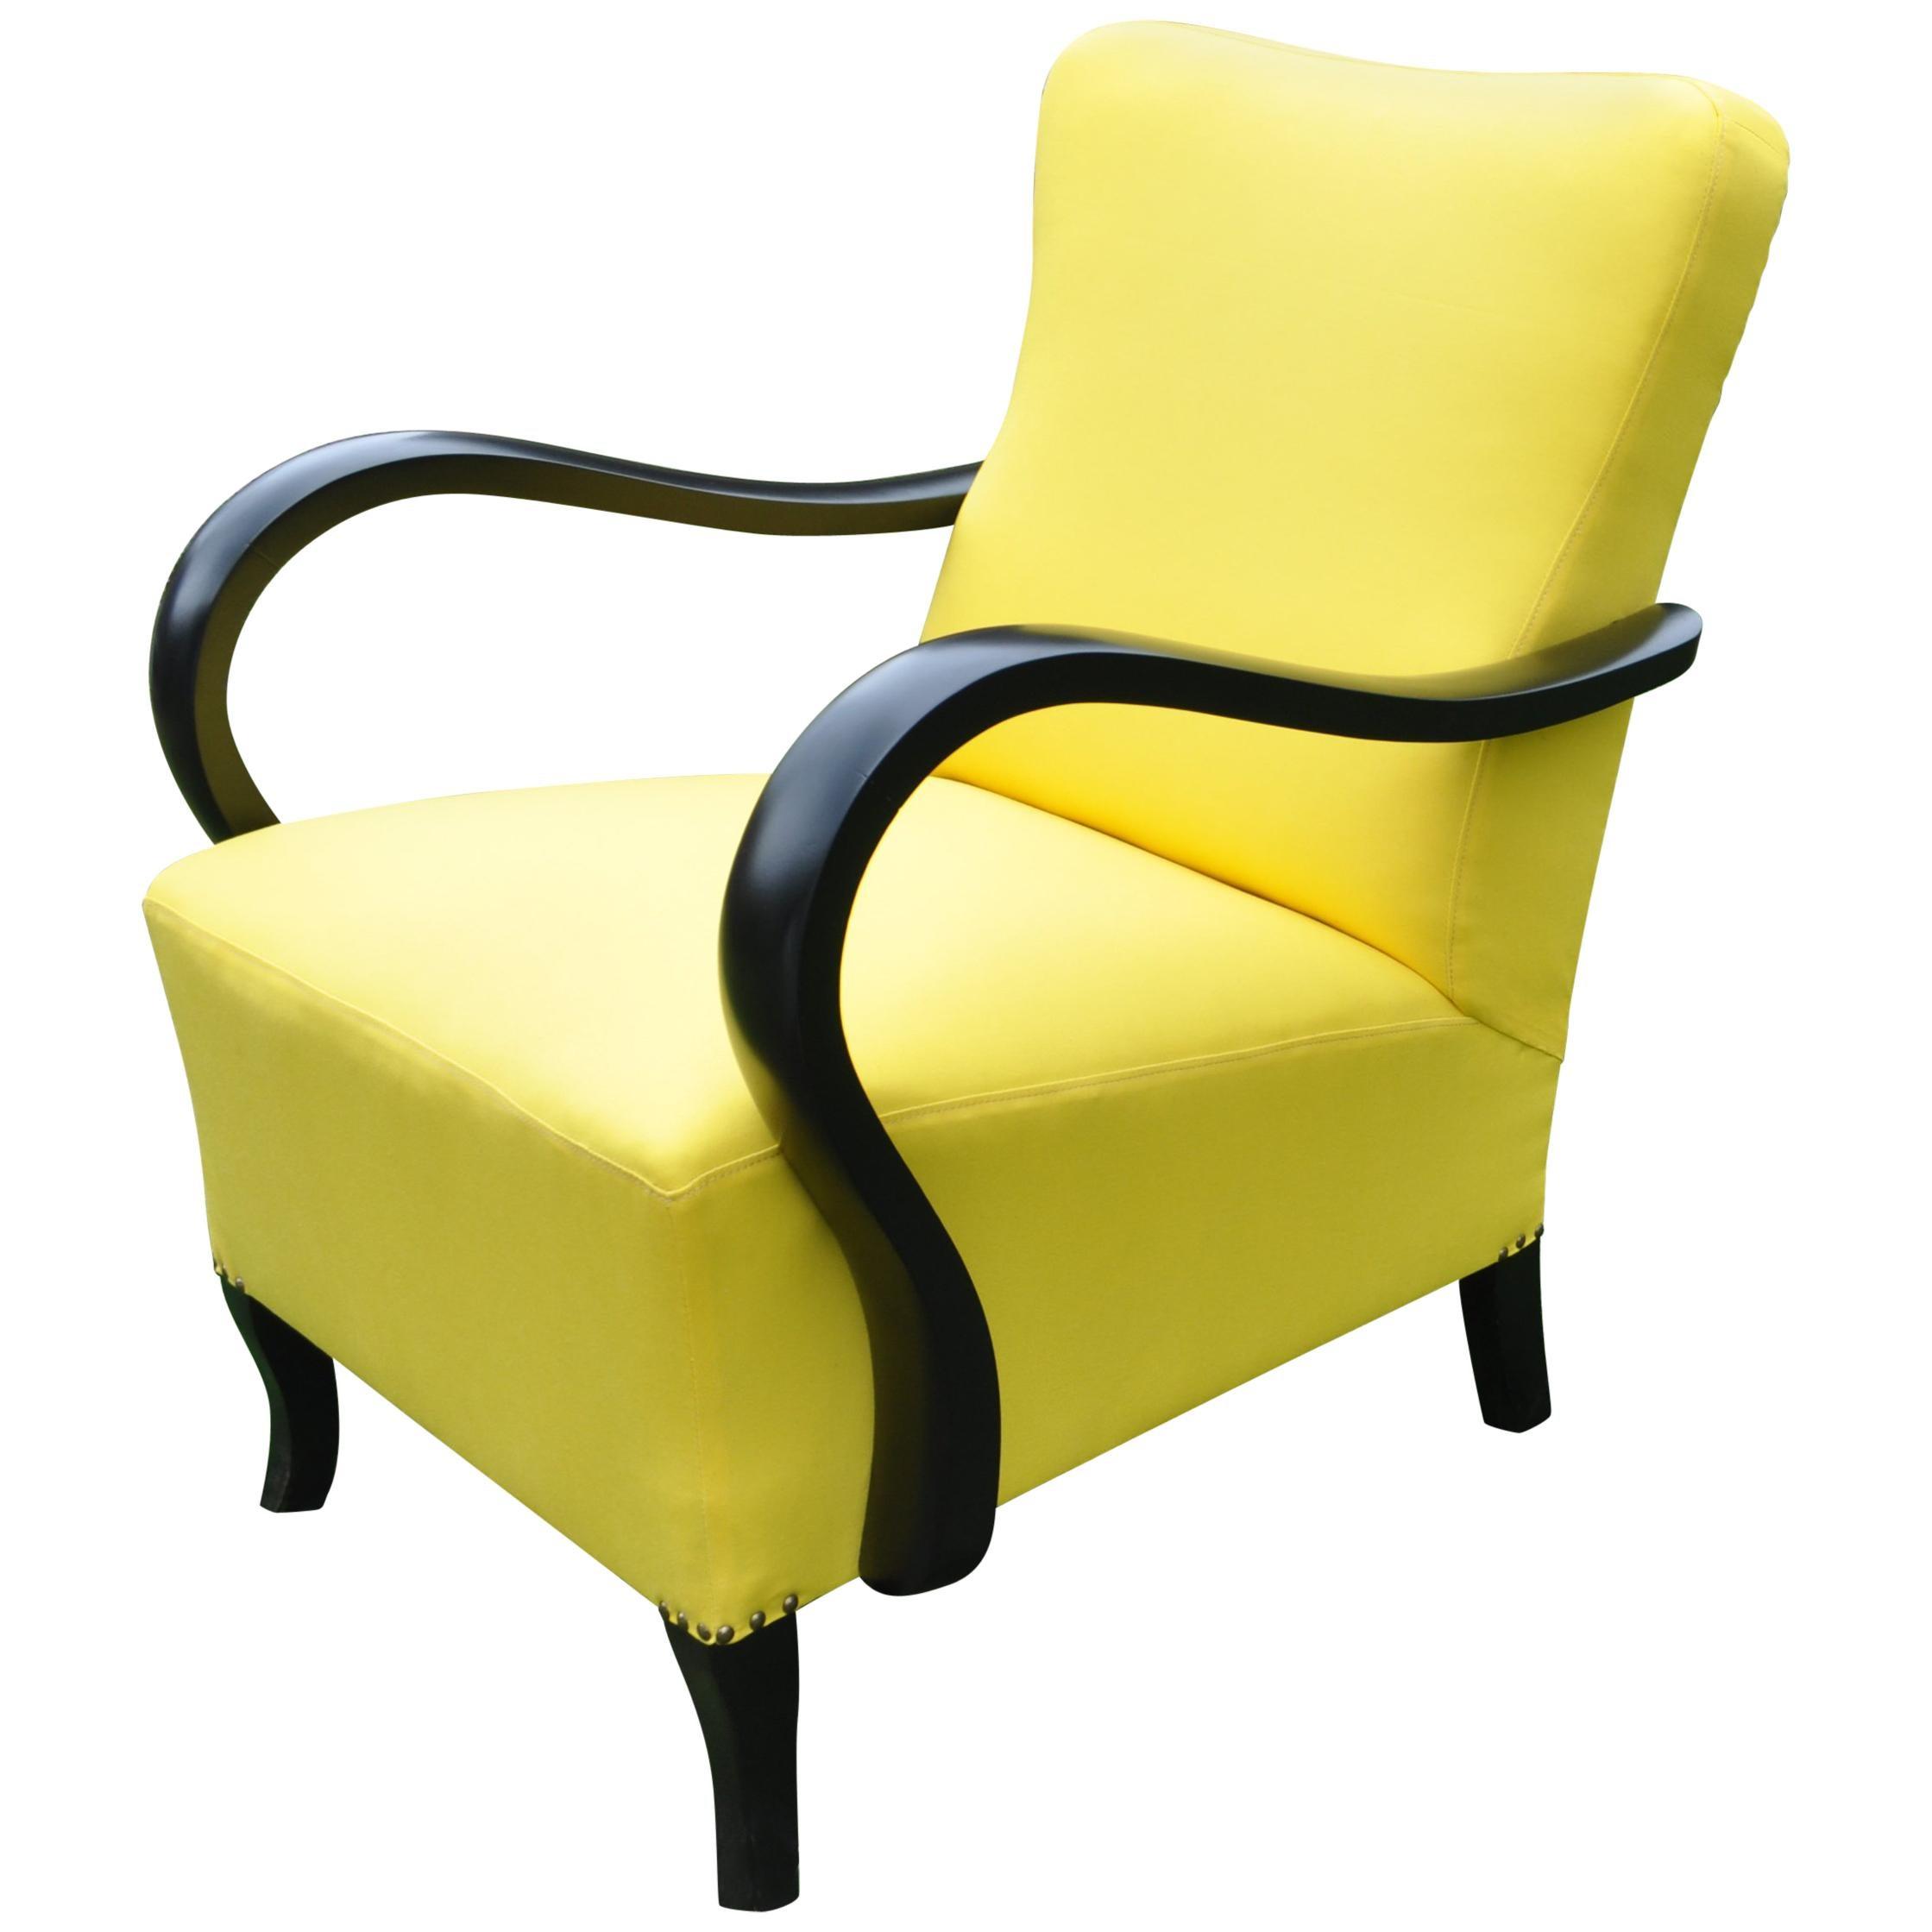 Art Deco Yellow Armchair, circa 1920s